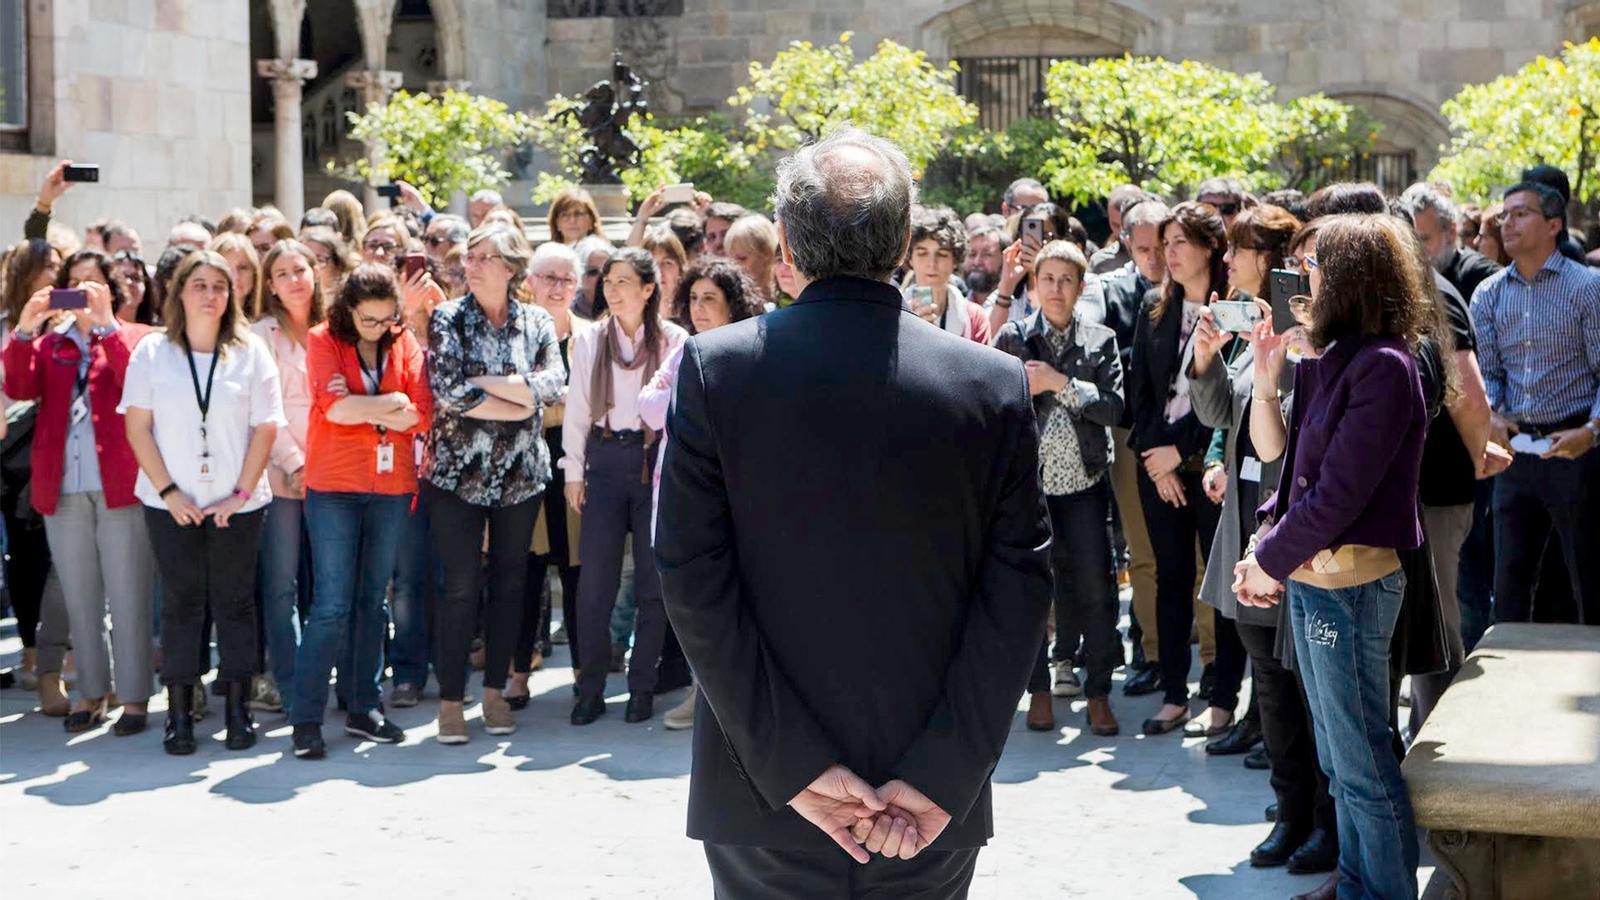 L'anàlisi d'Antoni Bassas: 'El to de la presidència de Torra'